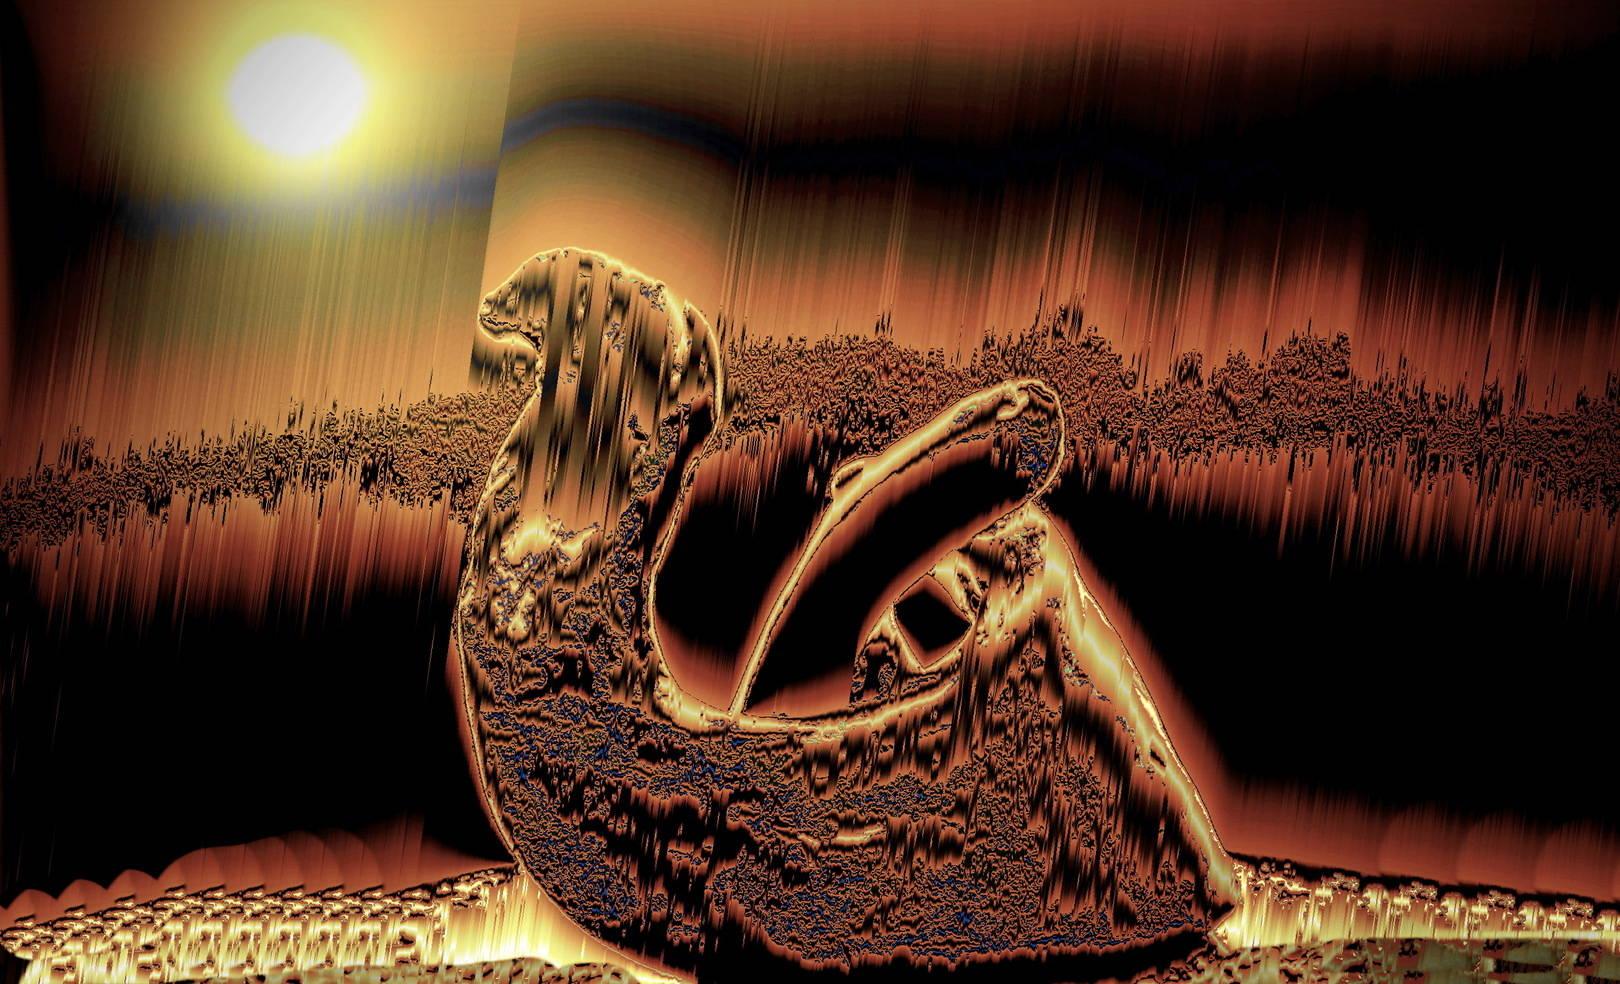 Верблюд.  графика сделана в фоторедакторе со своей скульптуры.